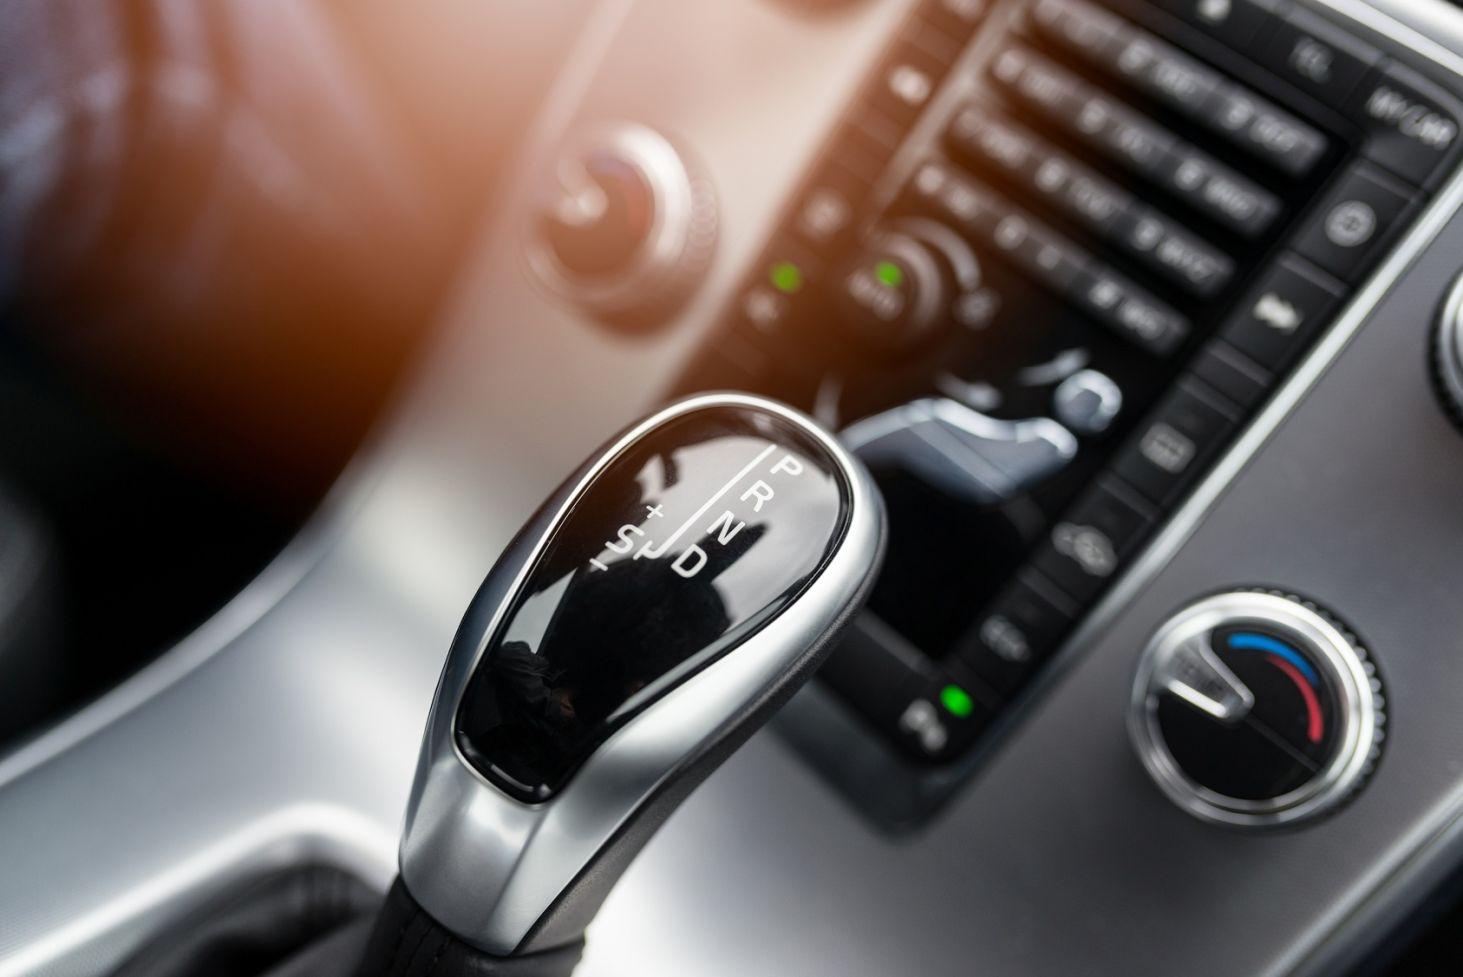 Najnowsze Manual czy automat? Co lepsze w utrzymaniu i do jazdy na co dzień VK21